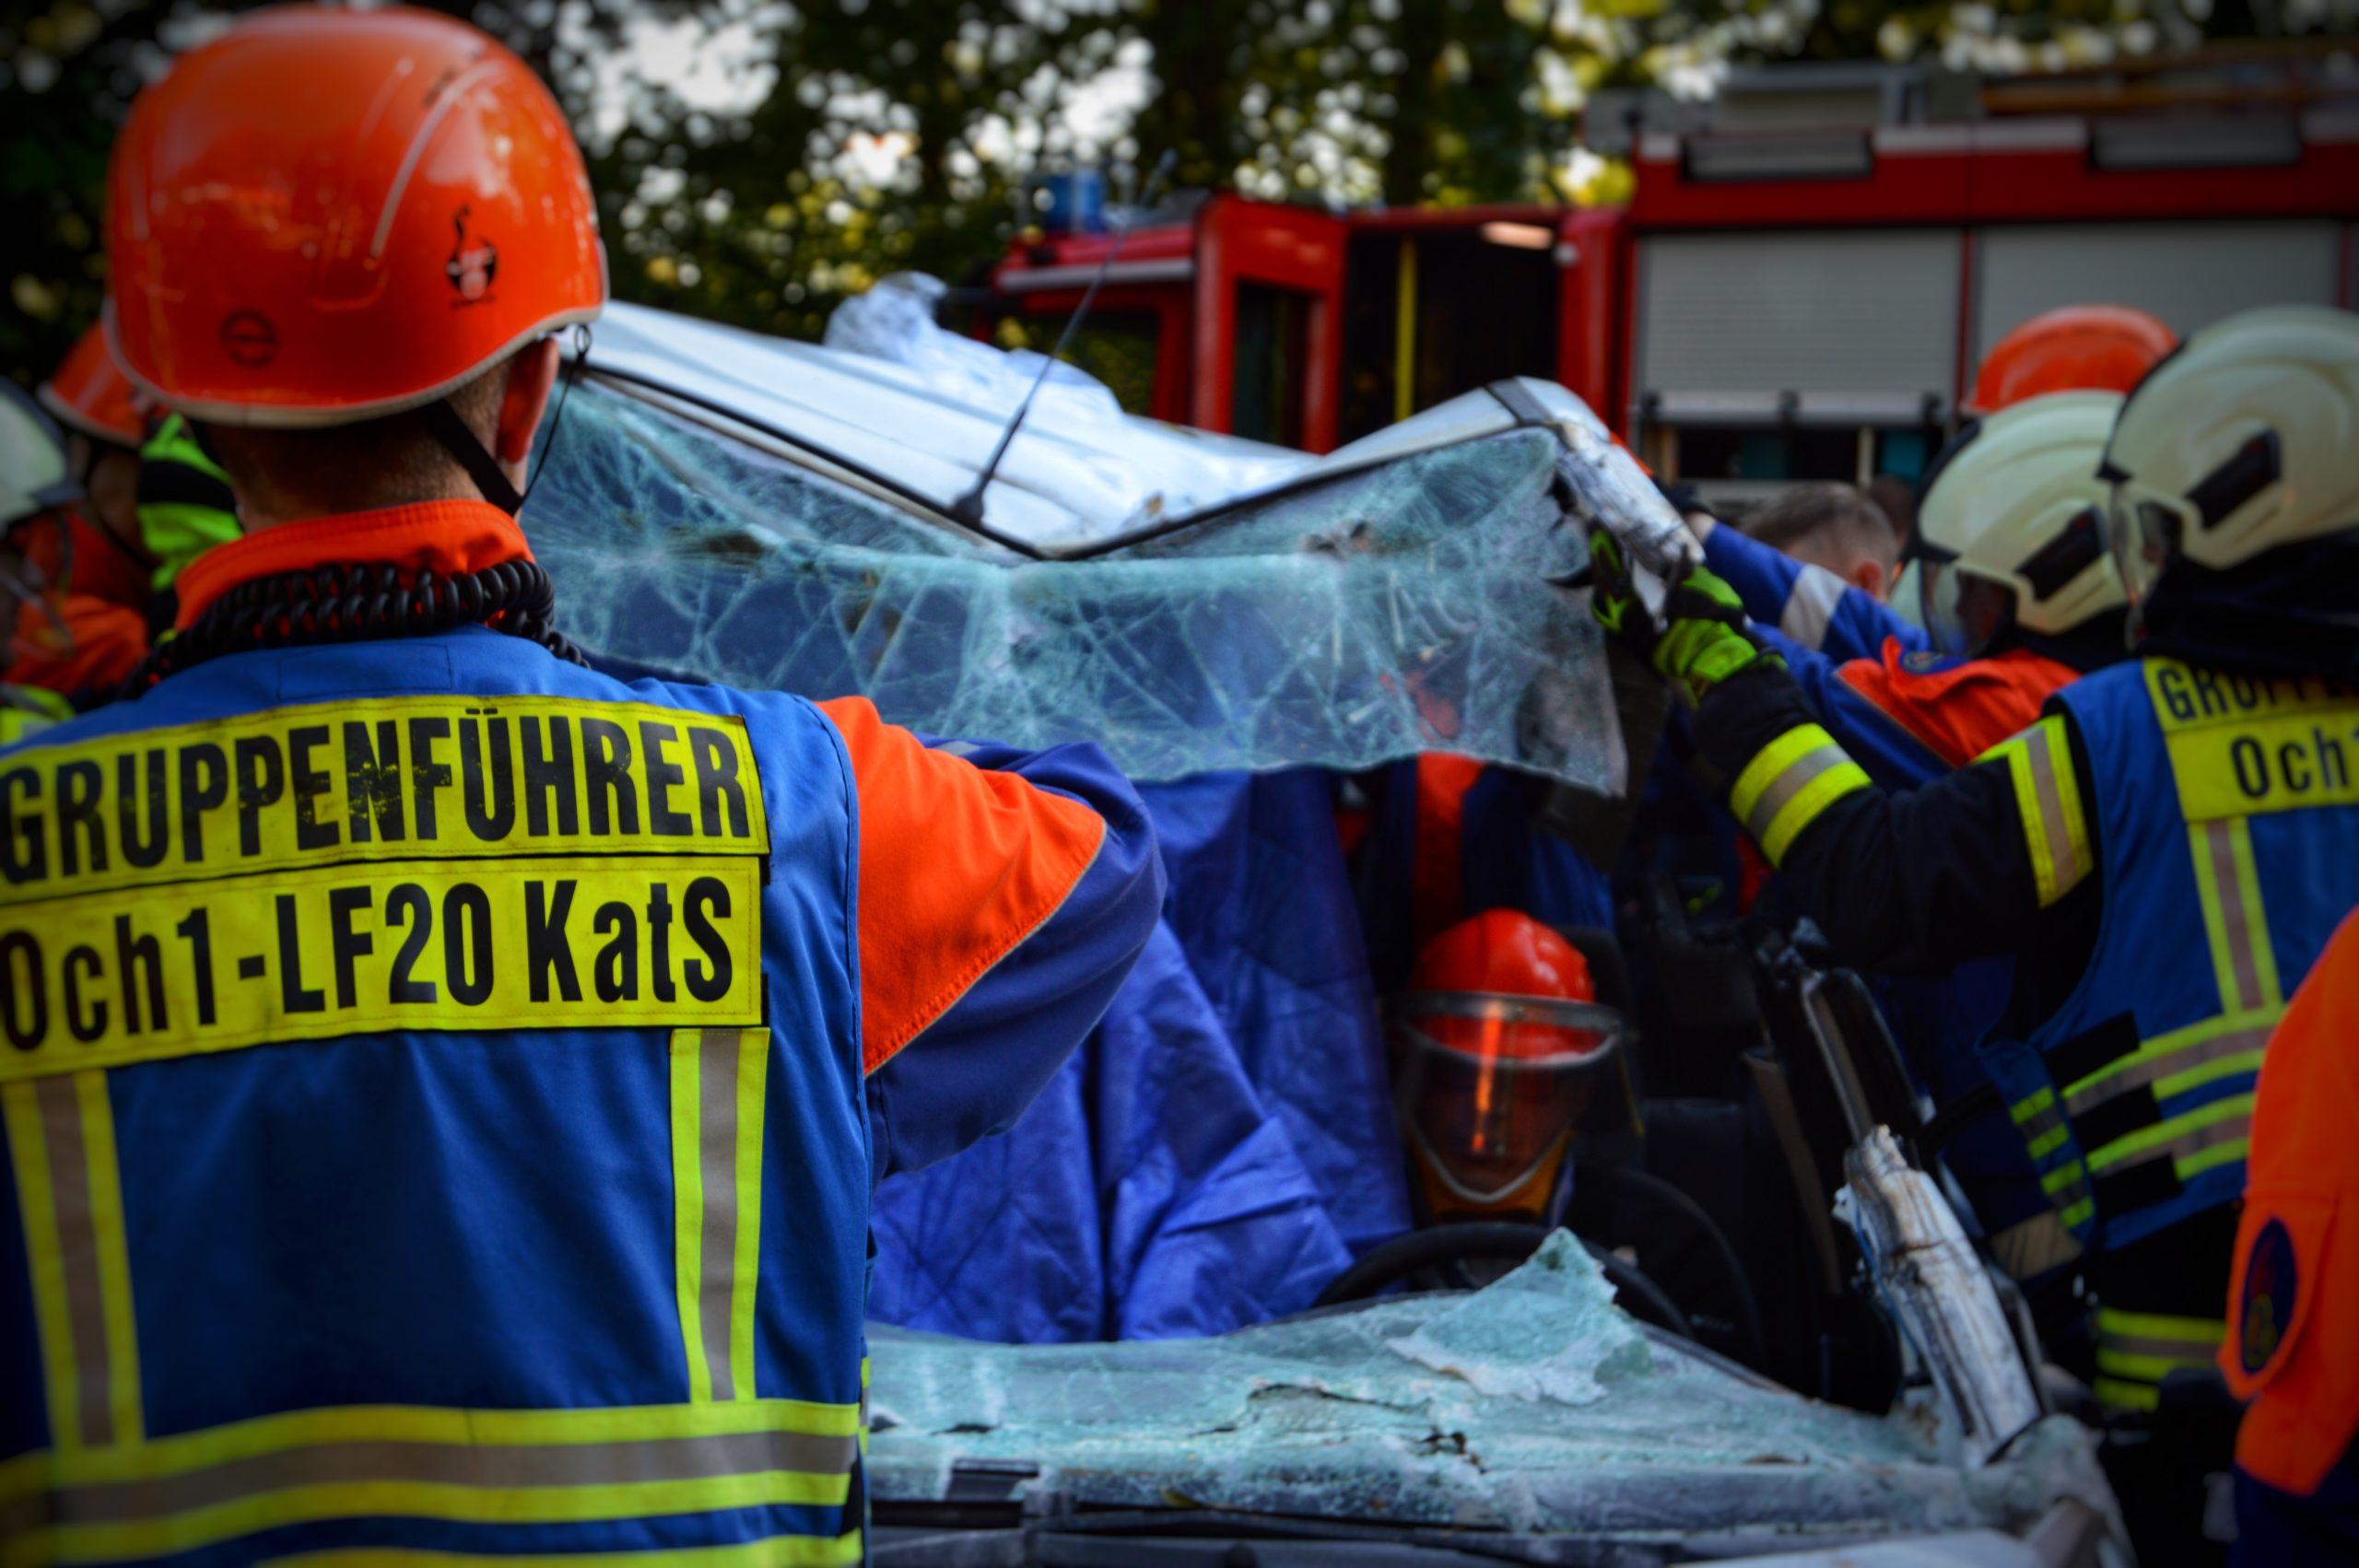 Berufsfeuerwehrtag_Jugendfeuerwehr_Ochtrup_2021_Presse (23)